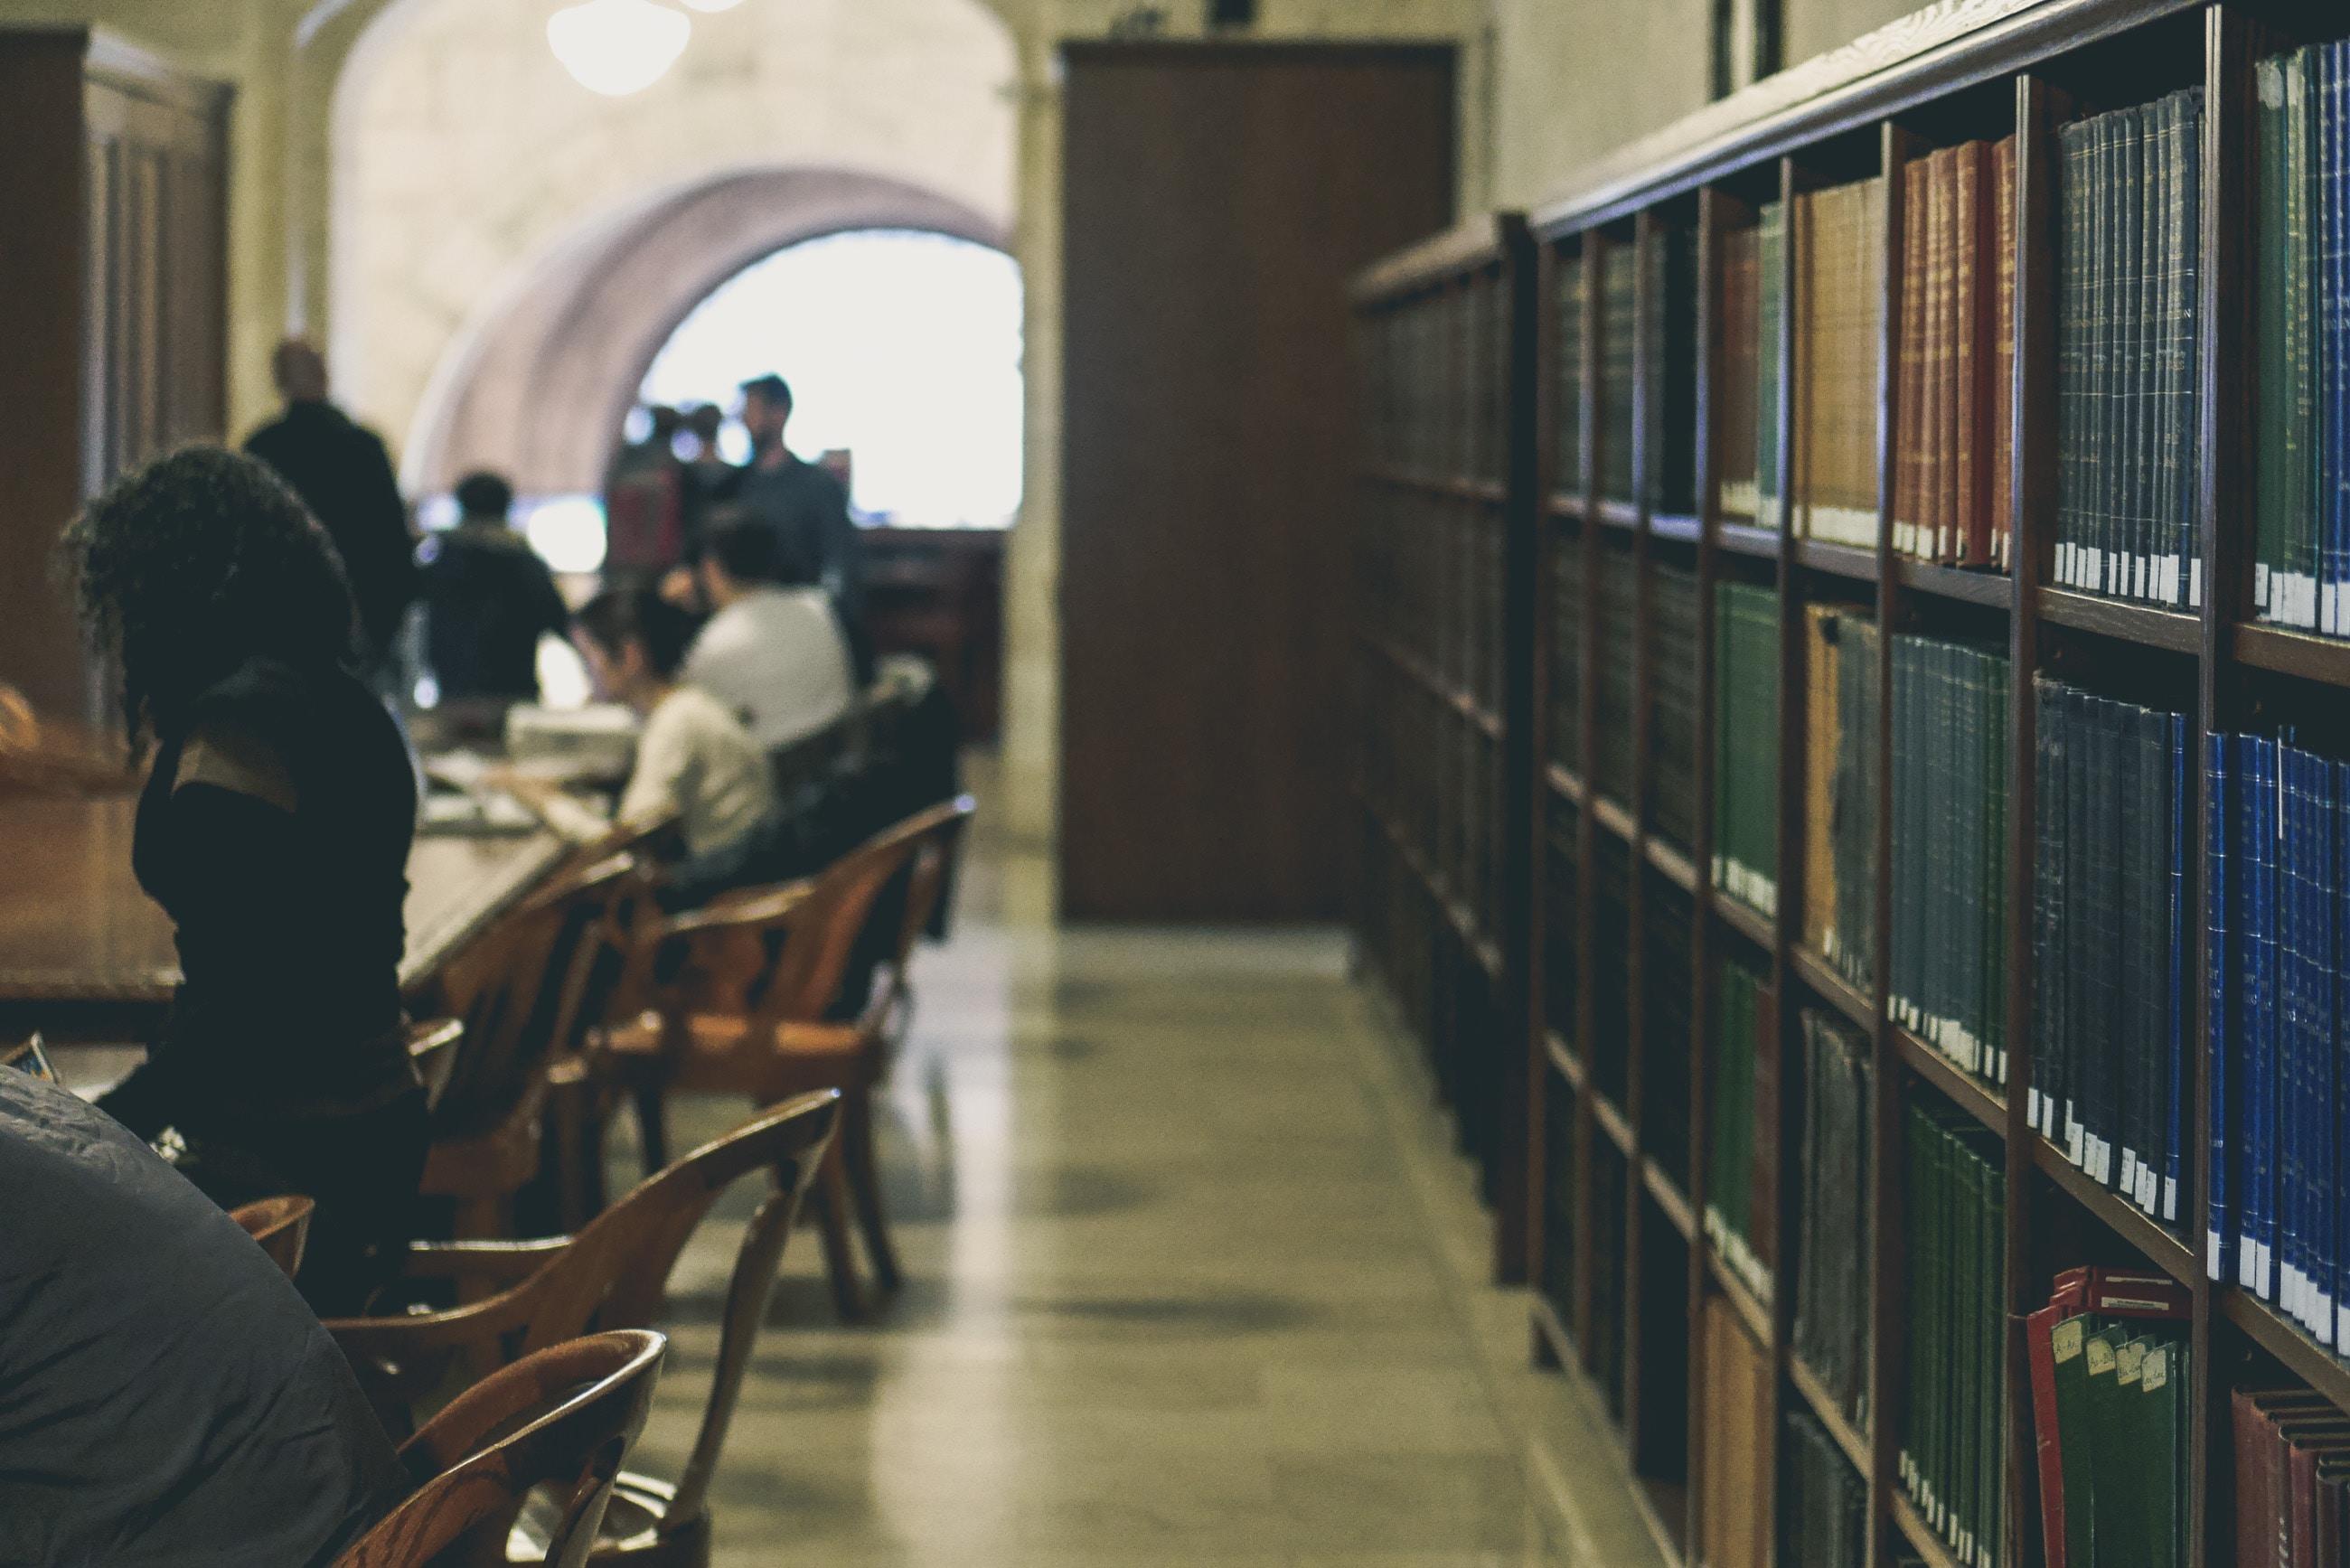 University Library. Photo by Davide Cantelli on Unsplash.